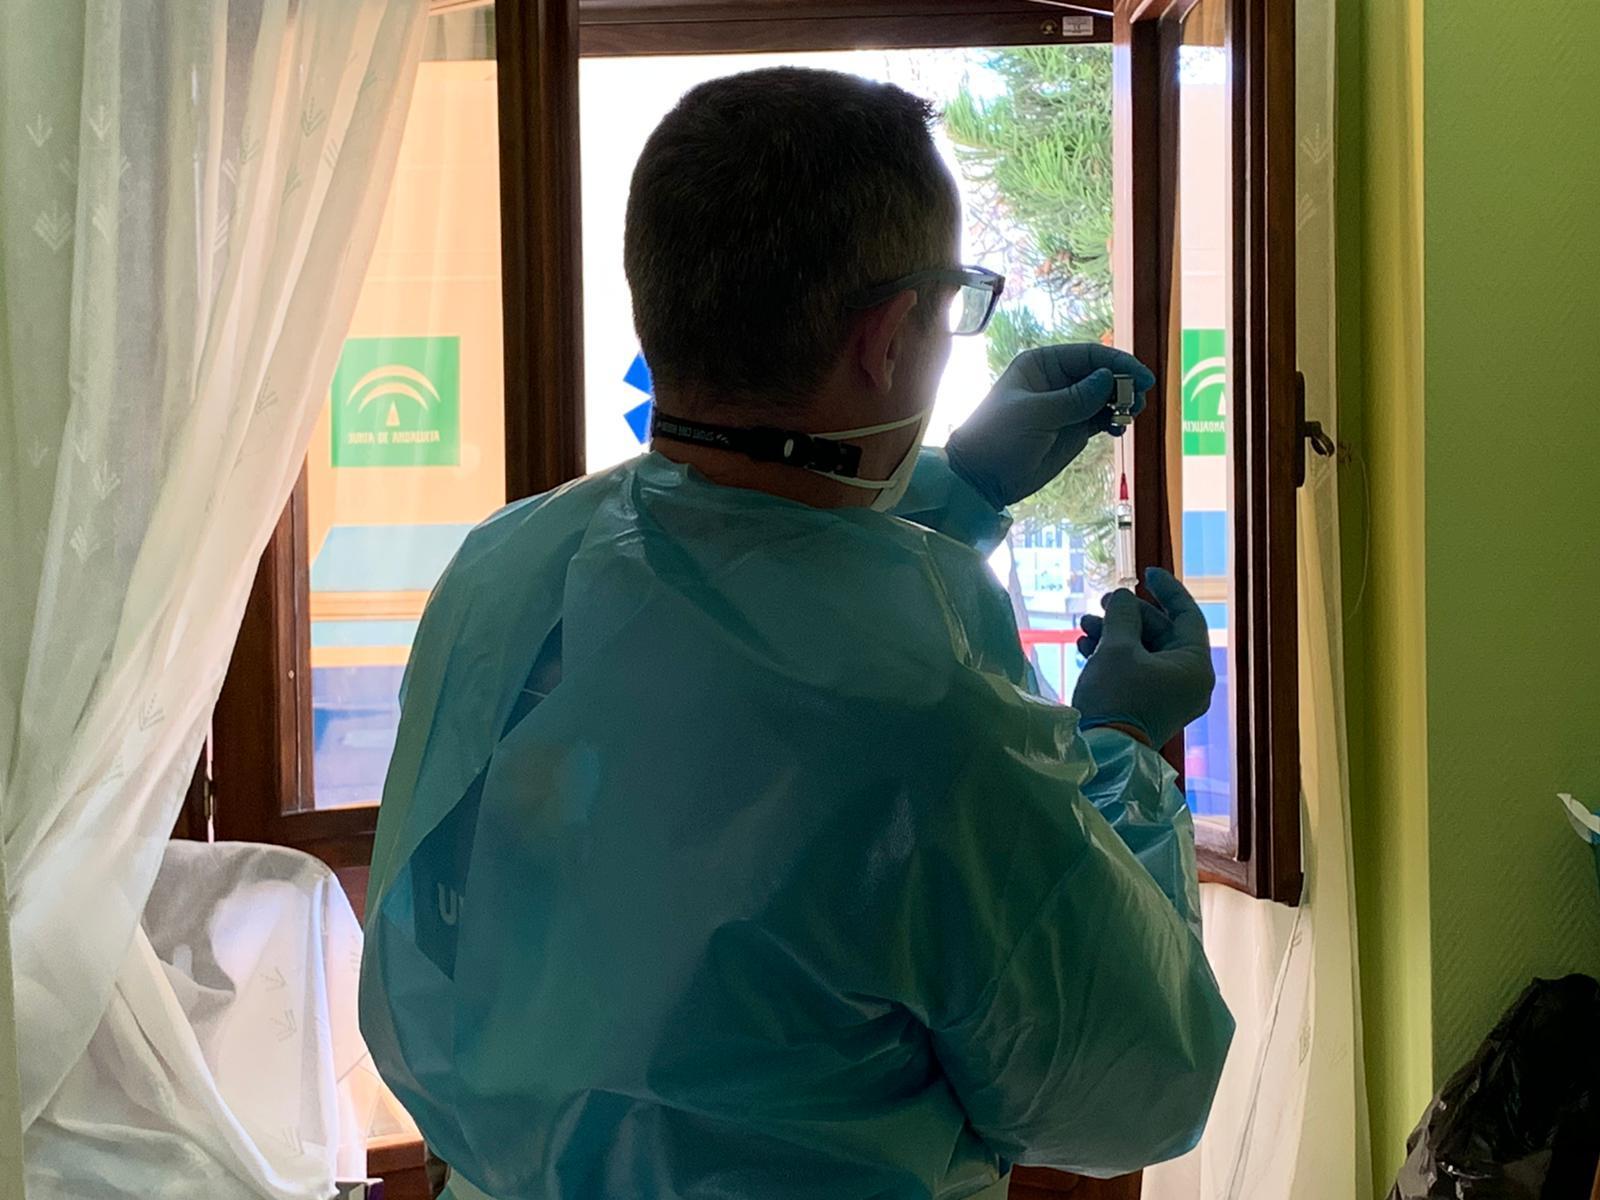 Comienza a administrarse la tercera dosis de la vacuna contra el COVID-19 en residencias de mayores de la provincia